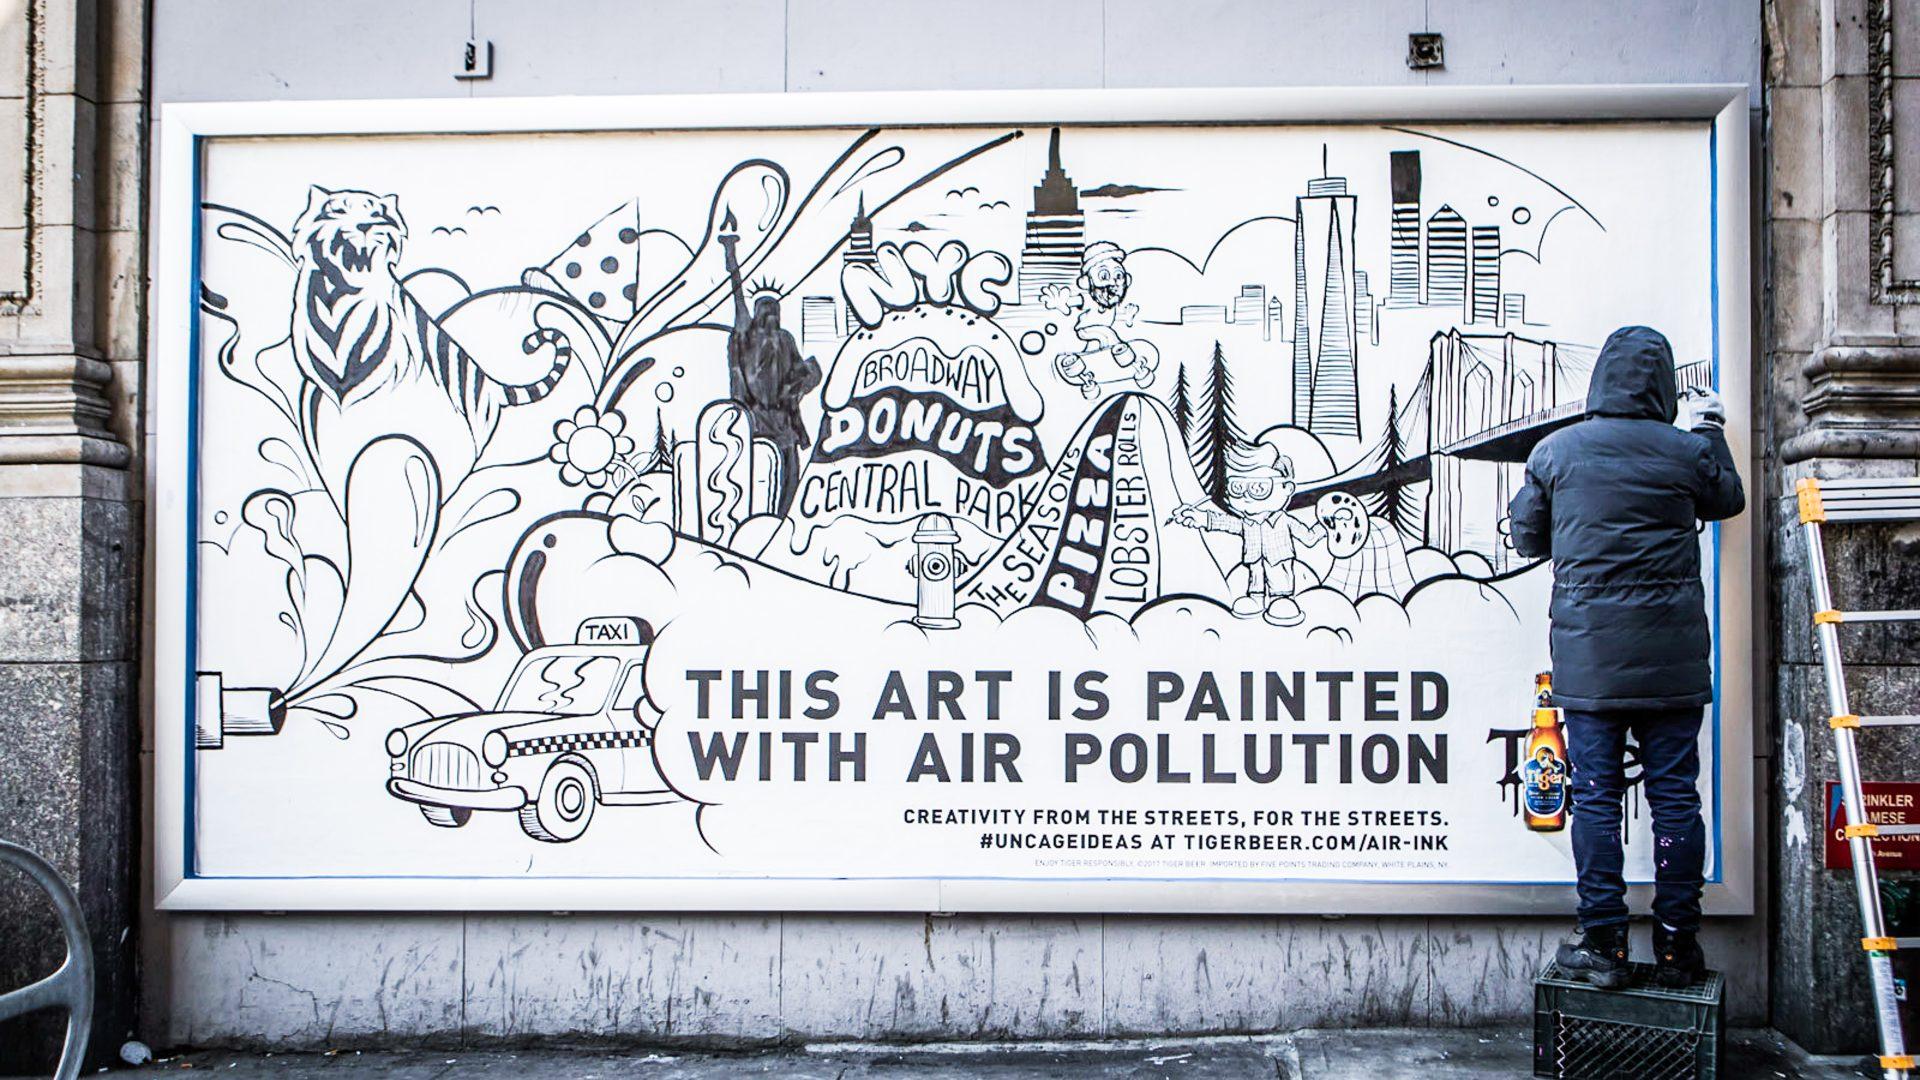 inkt van luchtvervuiling